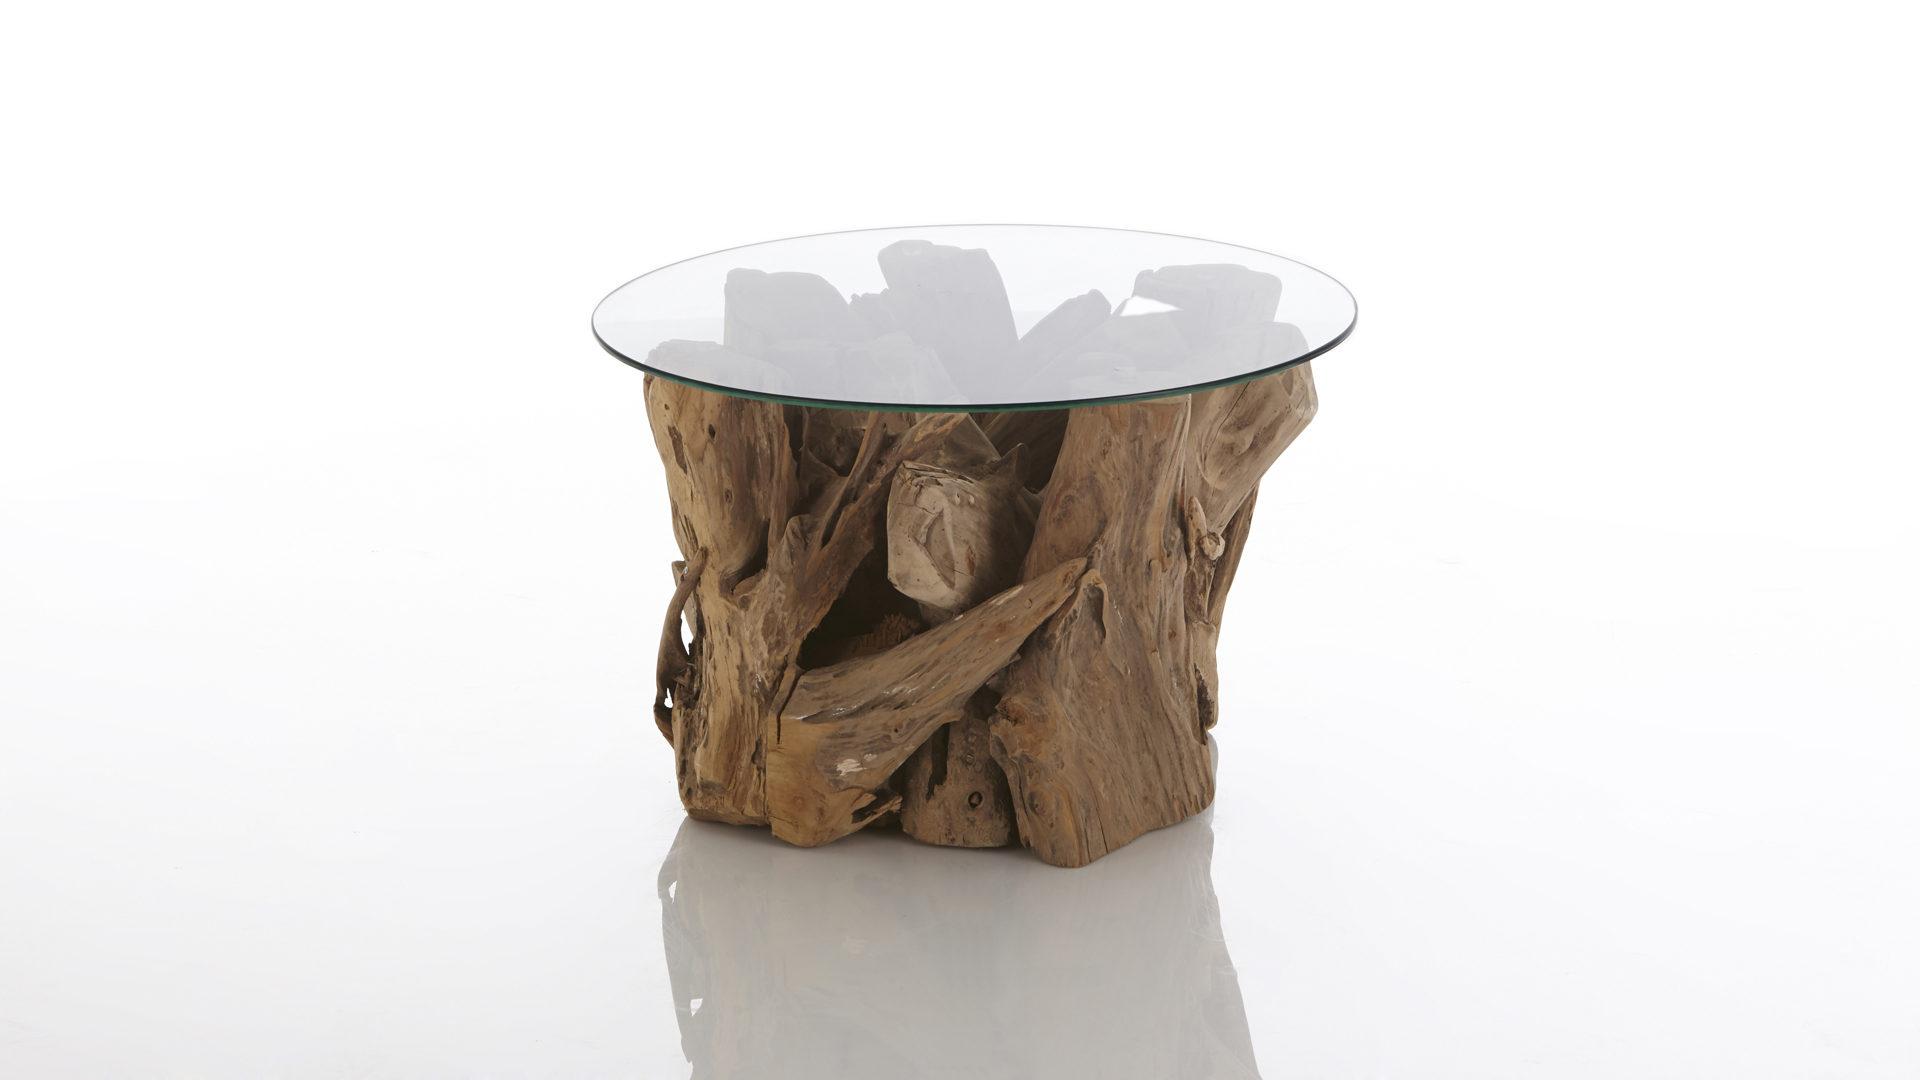 Couchtisch Aus Holz Und Glas Drehsessel Wohnzimmer Frey Wohnen Cham R Ume